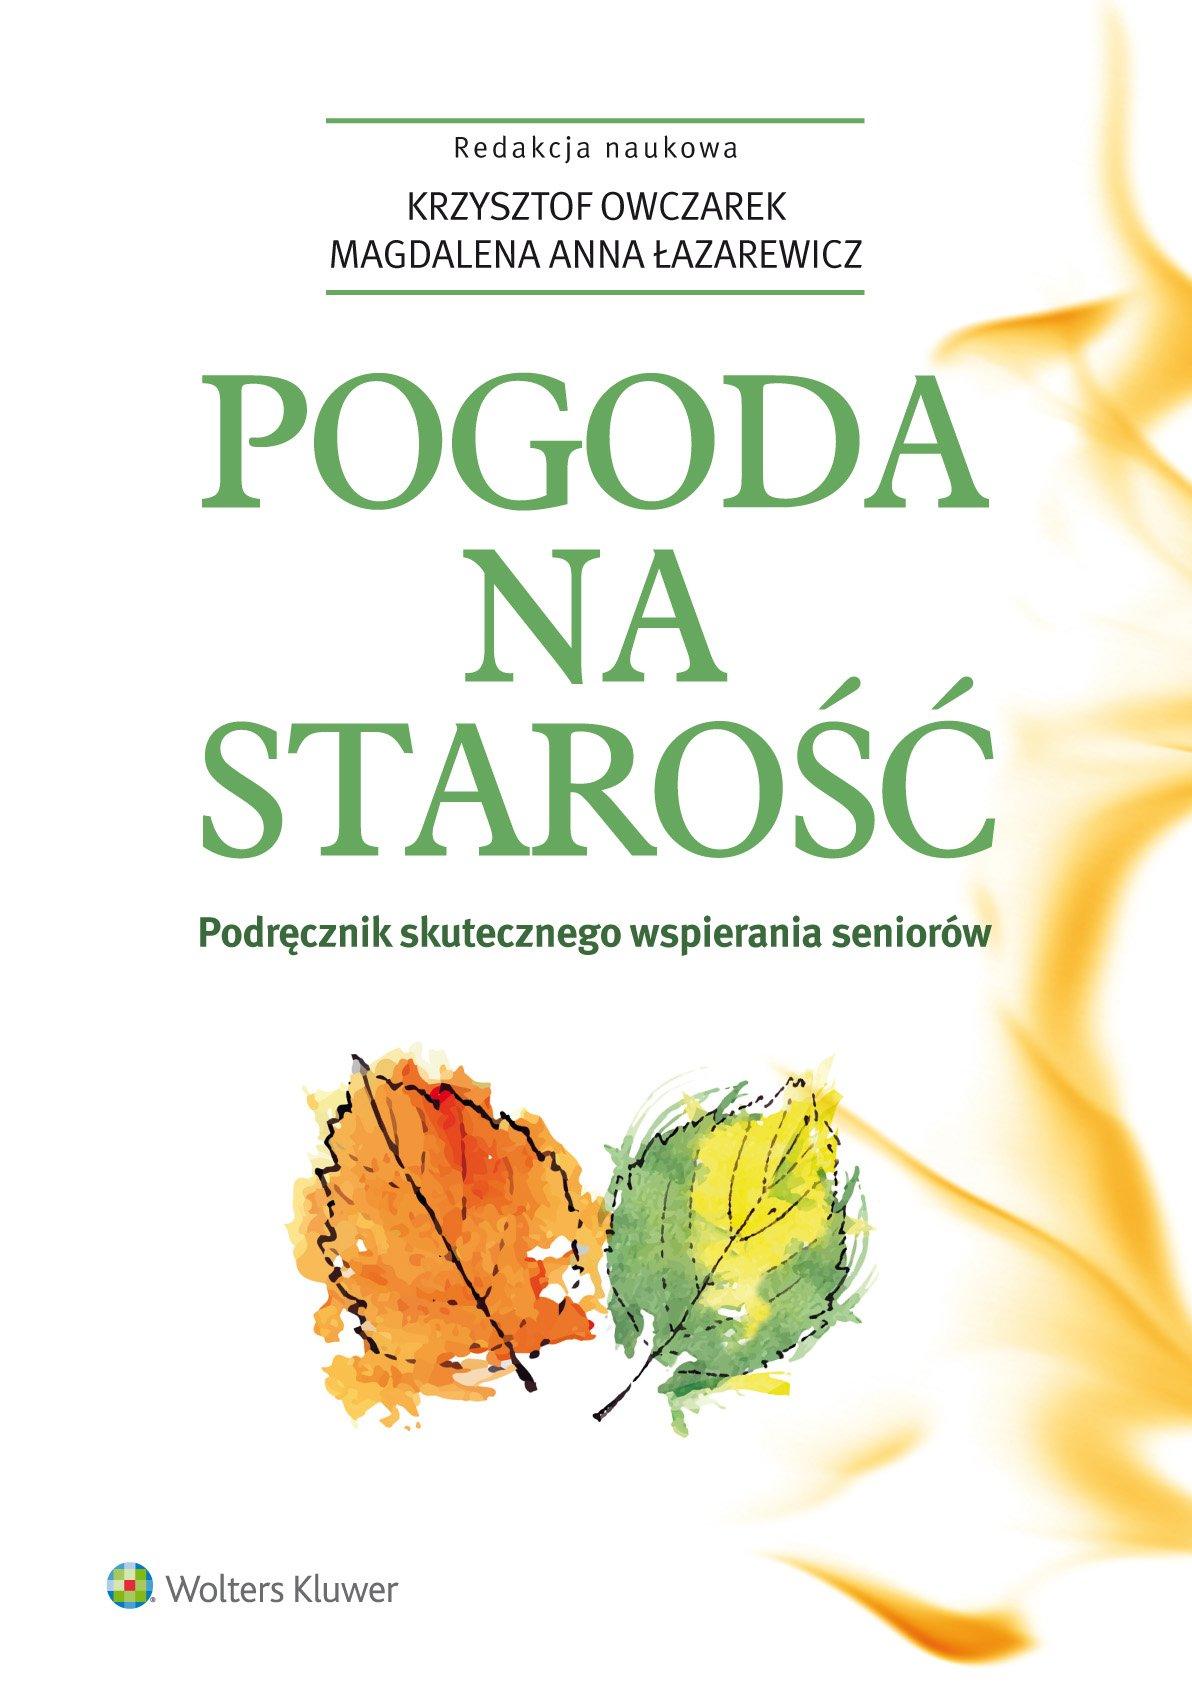 Pogoda na starość. Podręcznik skutecznego wspierania seniorów - Ebook (Książka PDF) do pobrania w formacie PDF